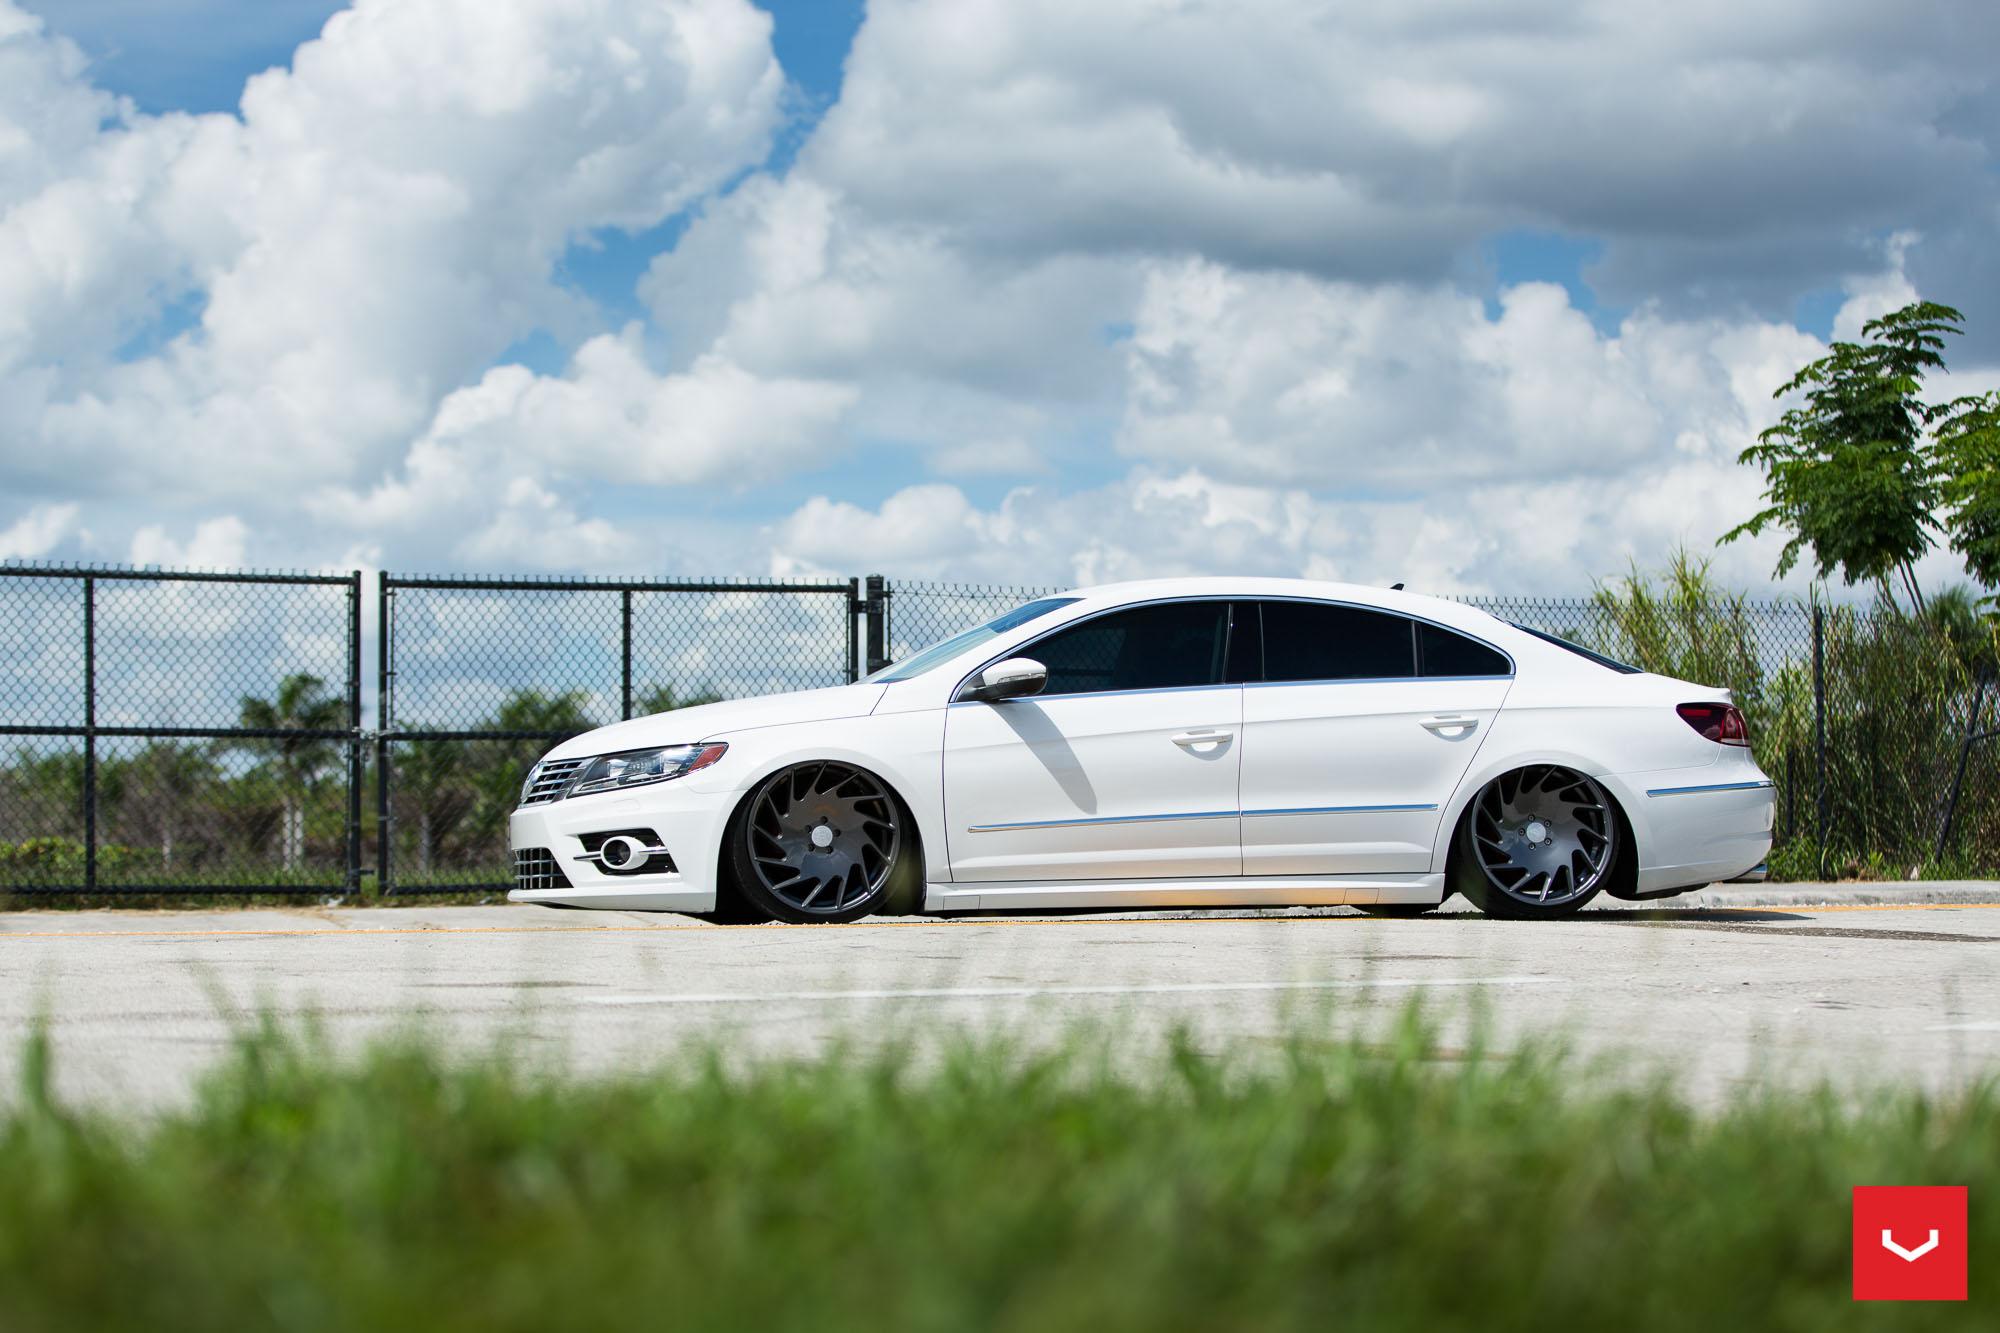 Volkswagen CC R-Line Gets Stanced on Vossen VLE-1 Wheels - autoevolution